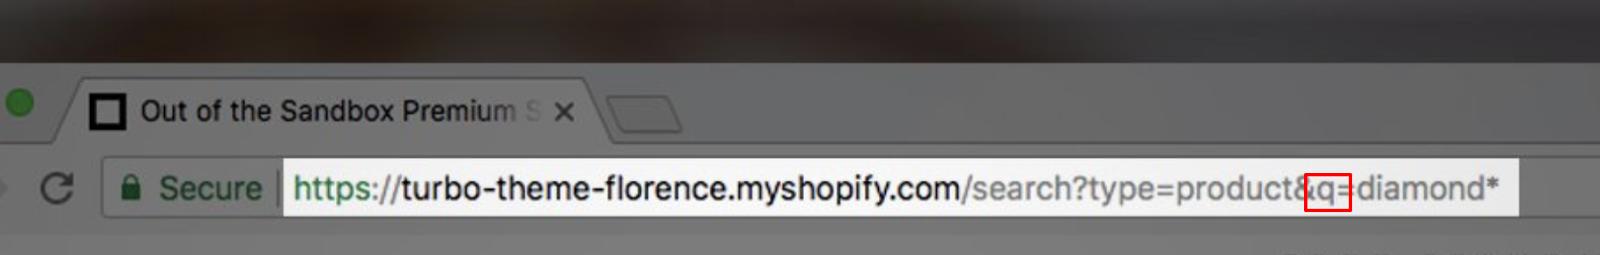 Screenshot showing an address bar